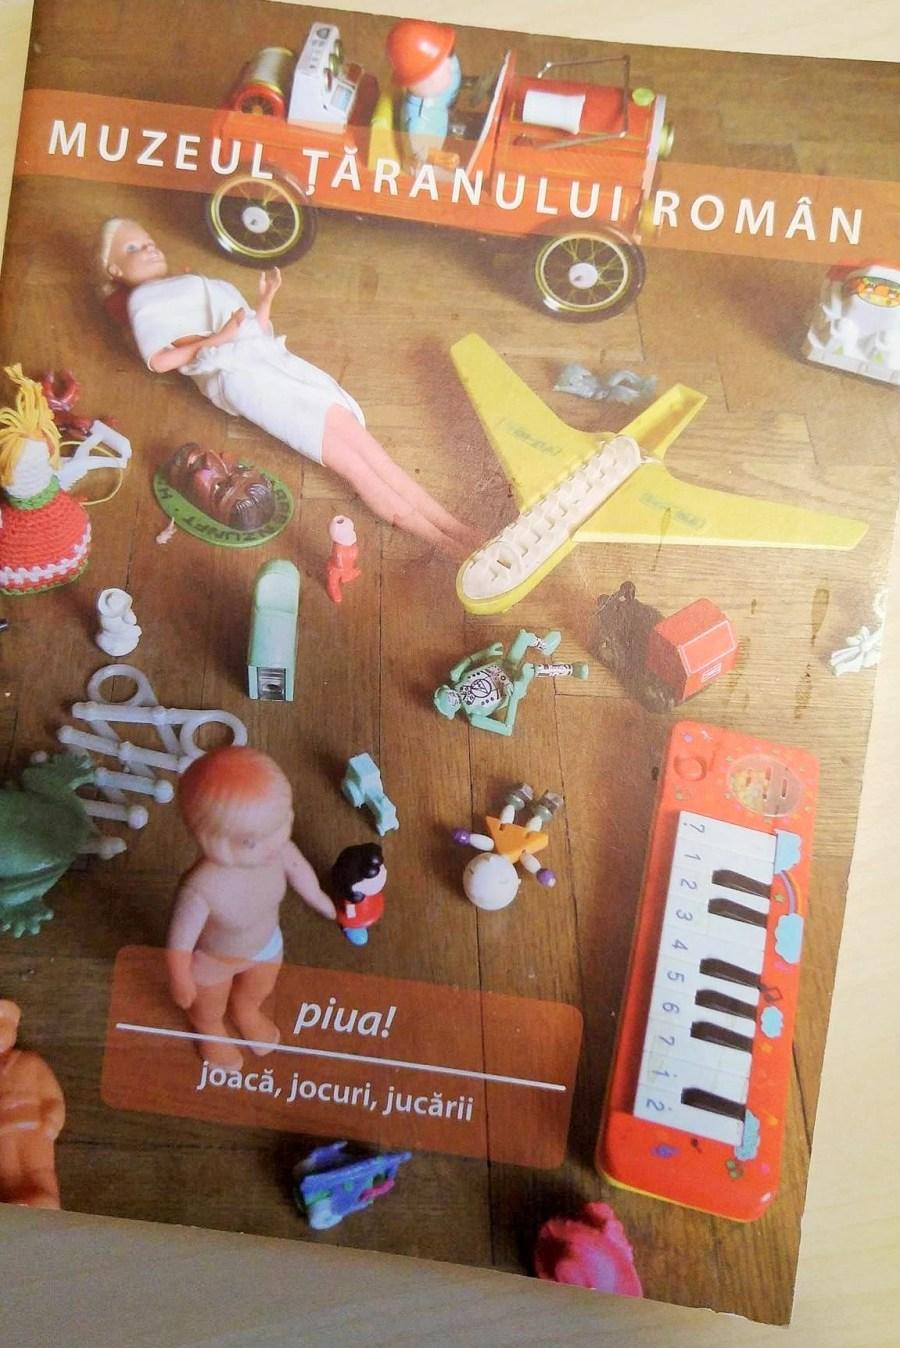 jocurile copilariei - happytude (1)